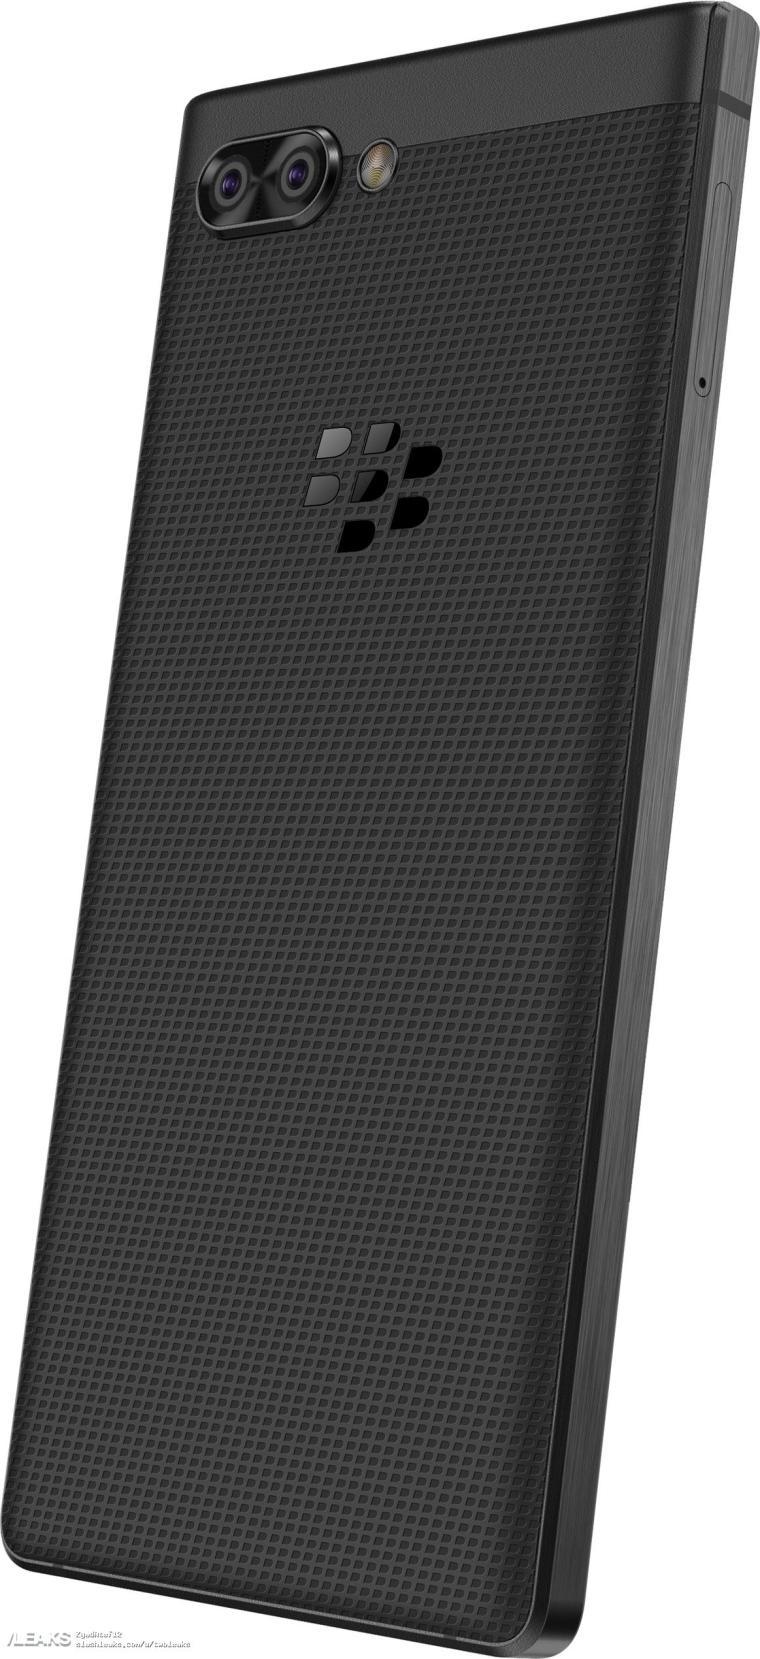 Blackberry athena_3